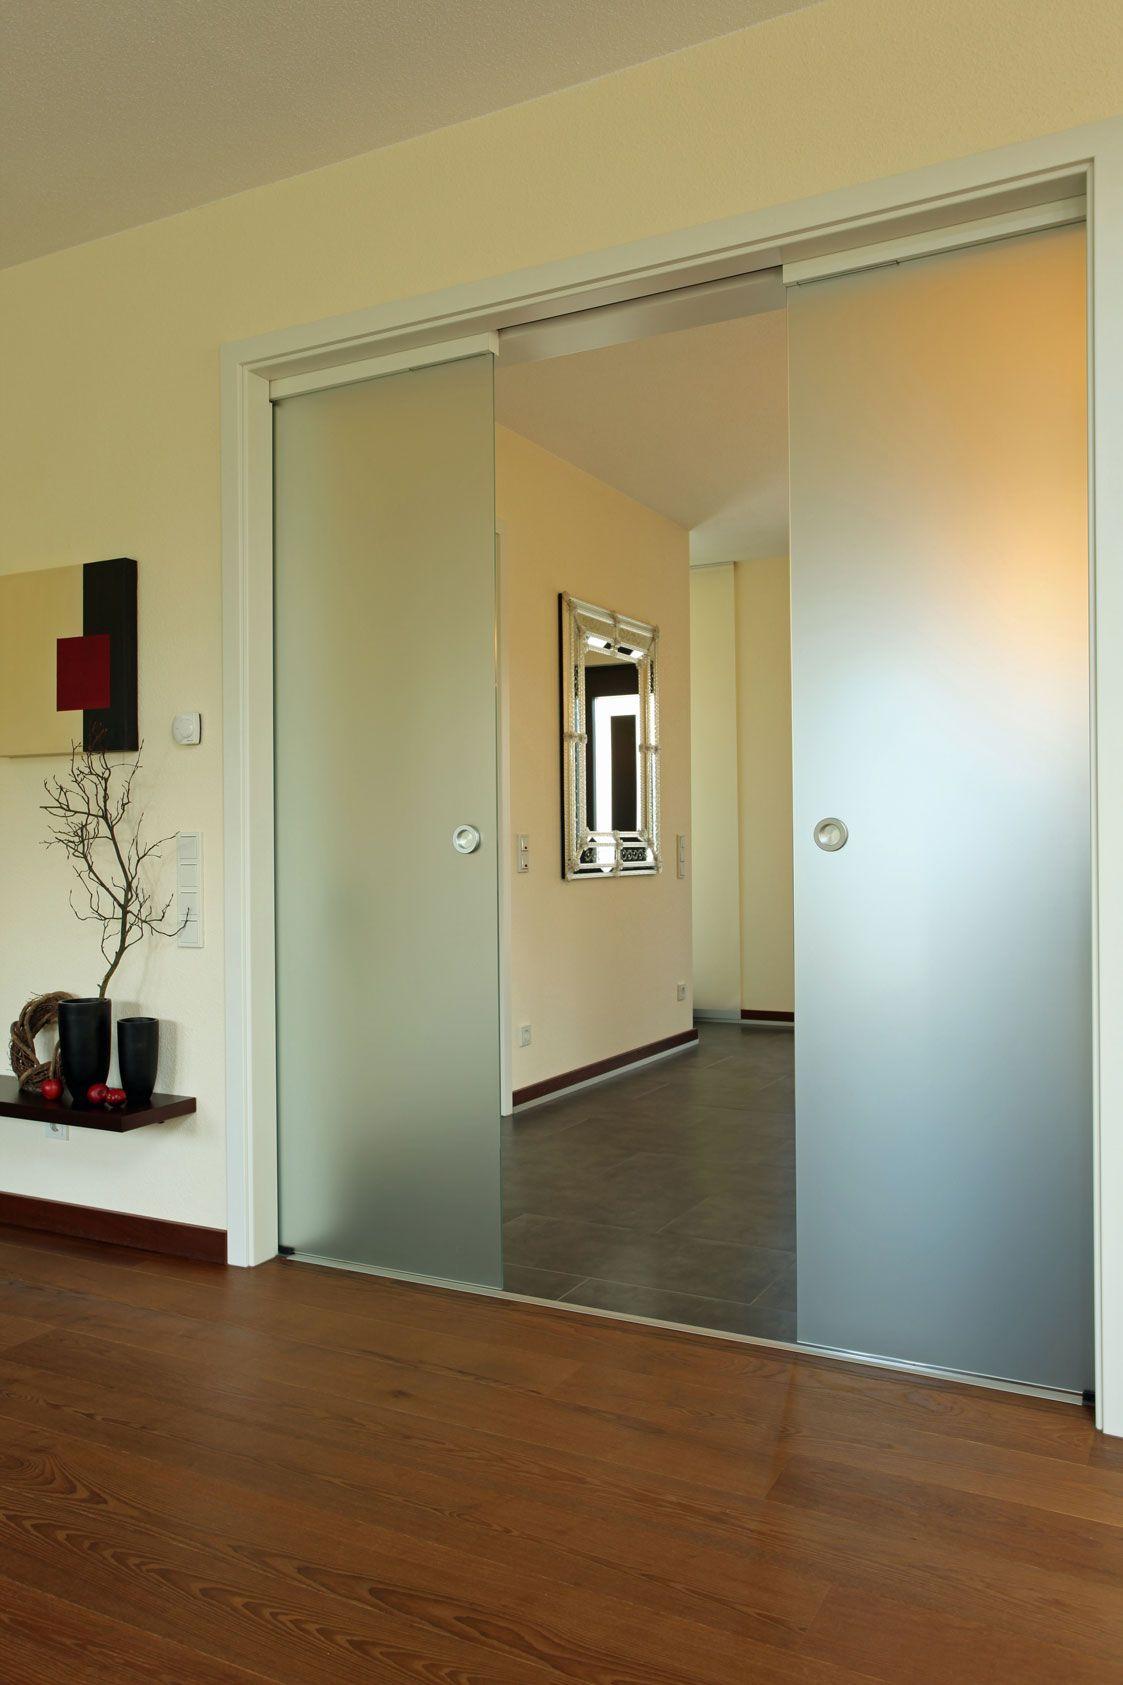 Diele mit Schiebeglastür  Haus, Wohnen, Glastür wohnzimmer